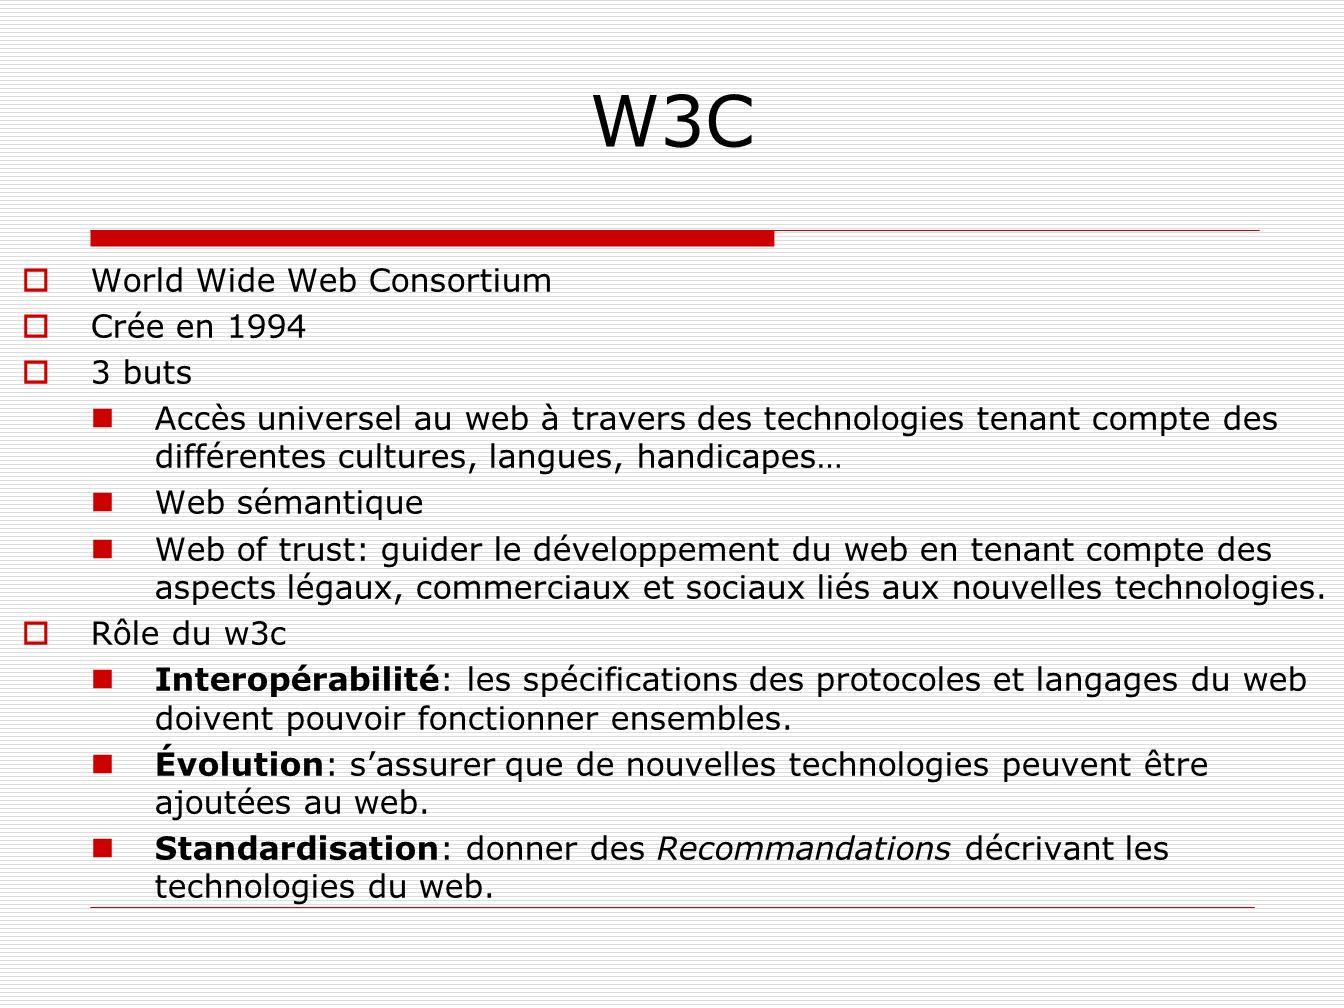 W3C World Wide Web Consortium Crée en 1994 3 buts Accès universel au web à travers des technologies tenant compte des différentes cultures, langues, h